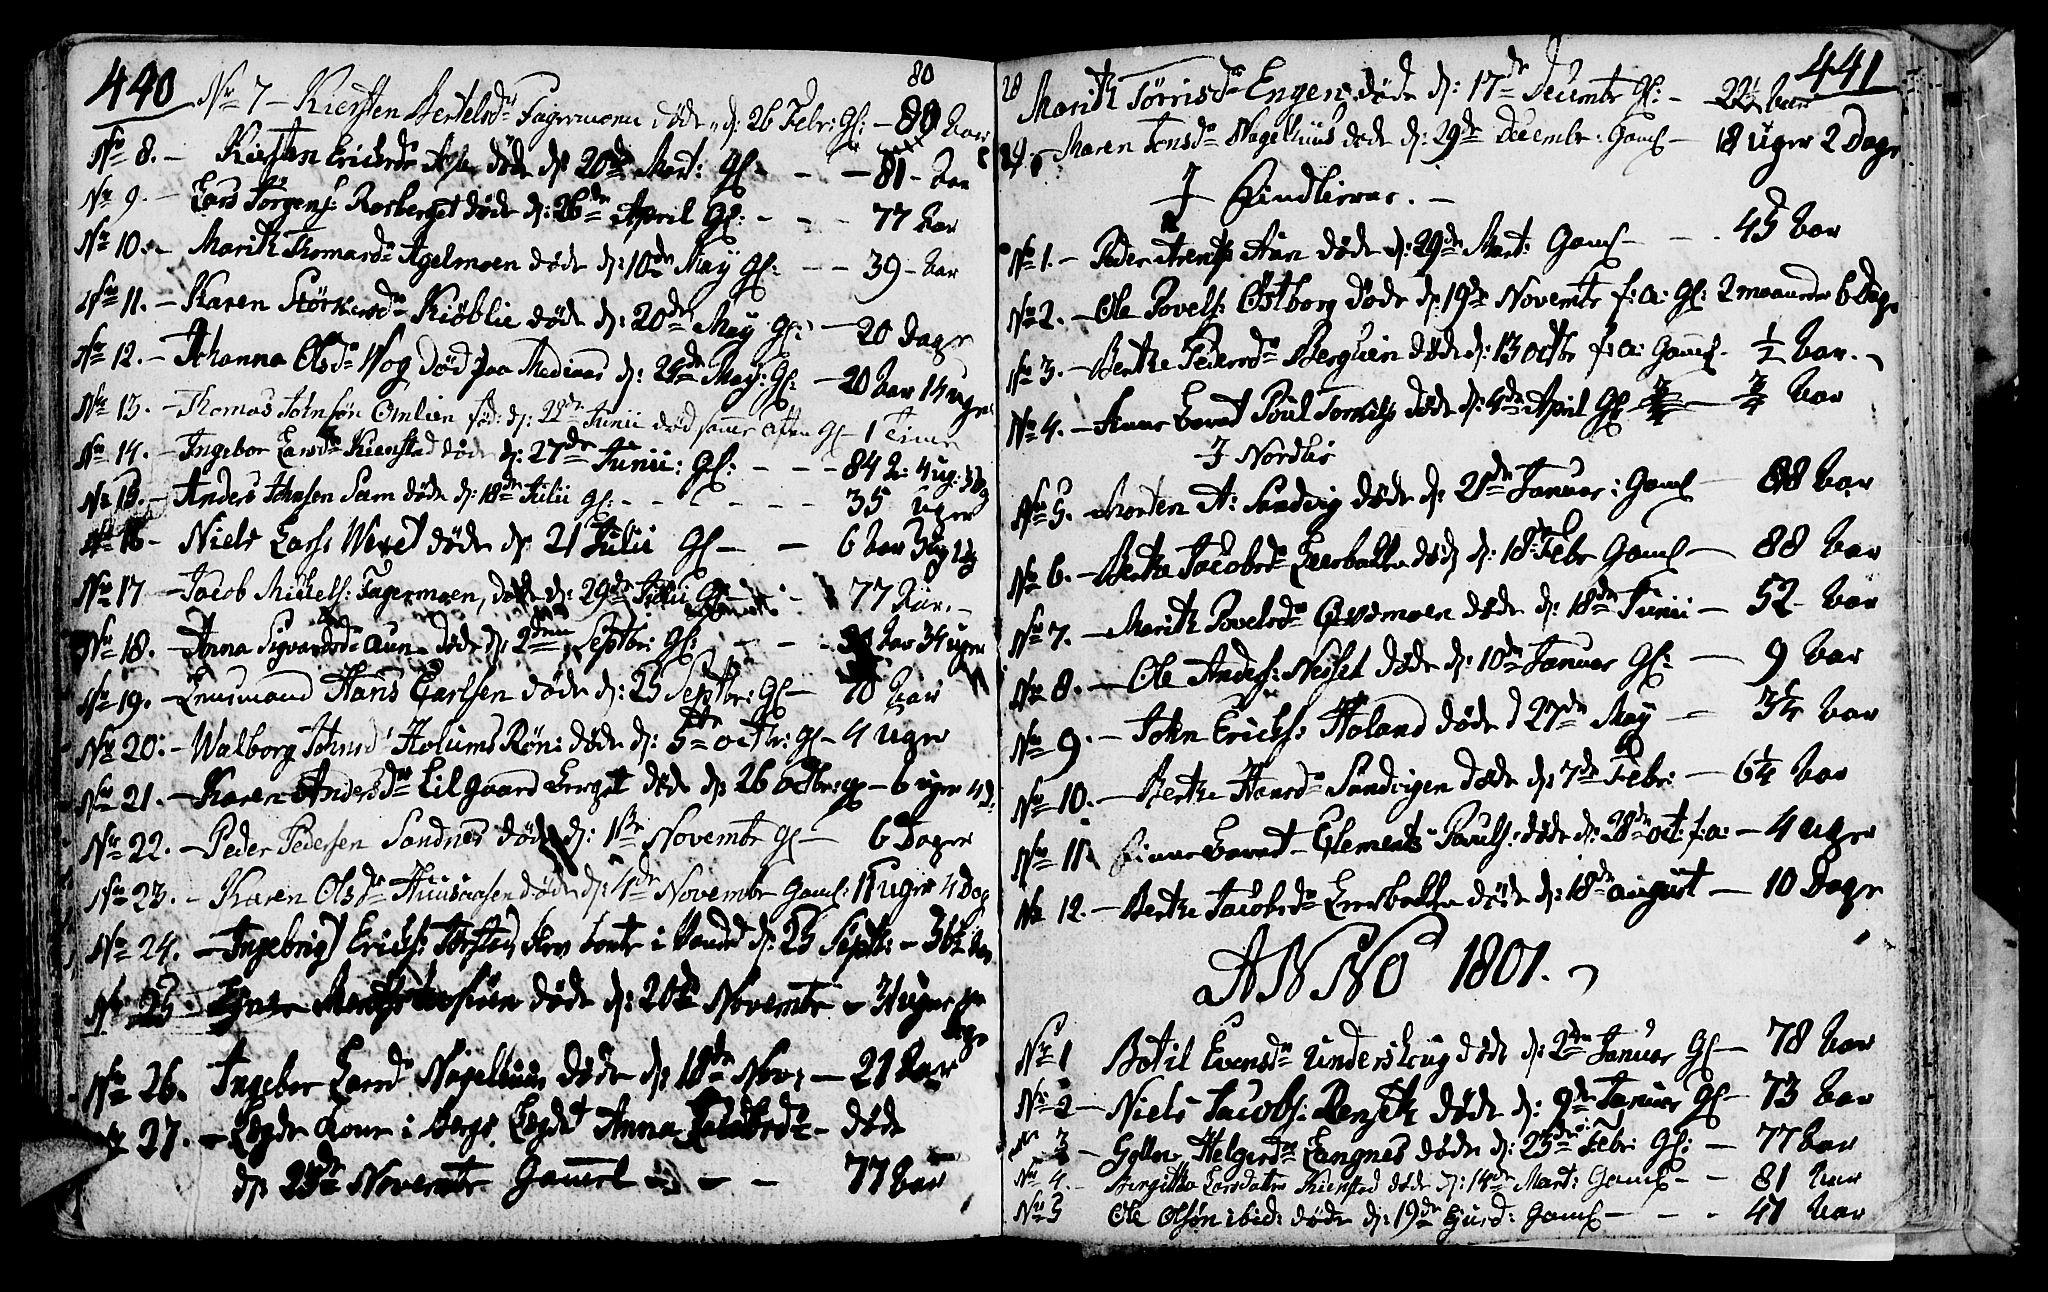 SAT, Ministerialprotokoller, klokkerbøker og fødselsregistre - Nord-Trøndelag, 749/L0468: Ministerialbok nr. 749A02, 1787-1817, s. 440-441